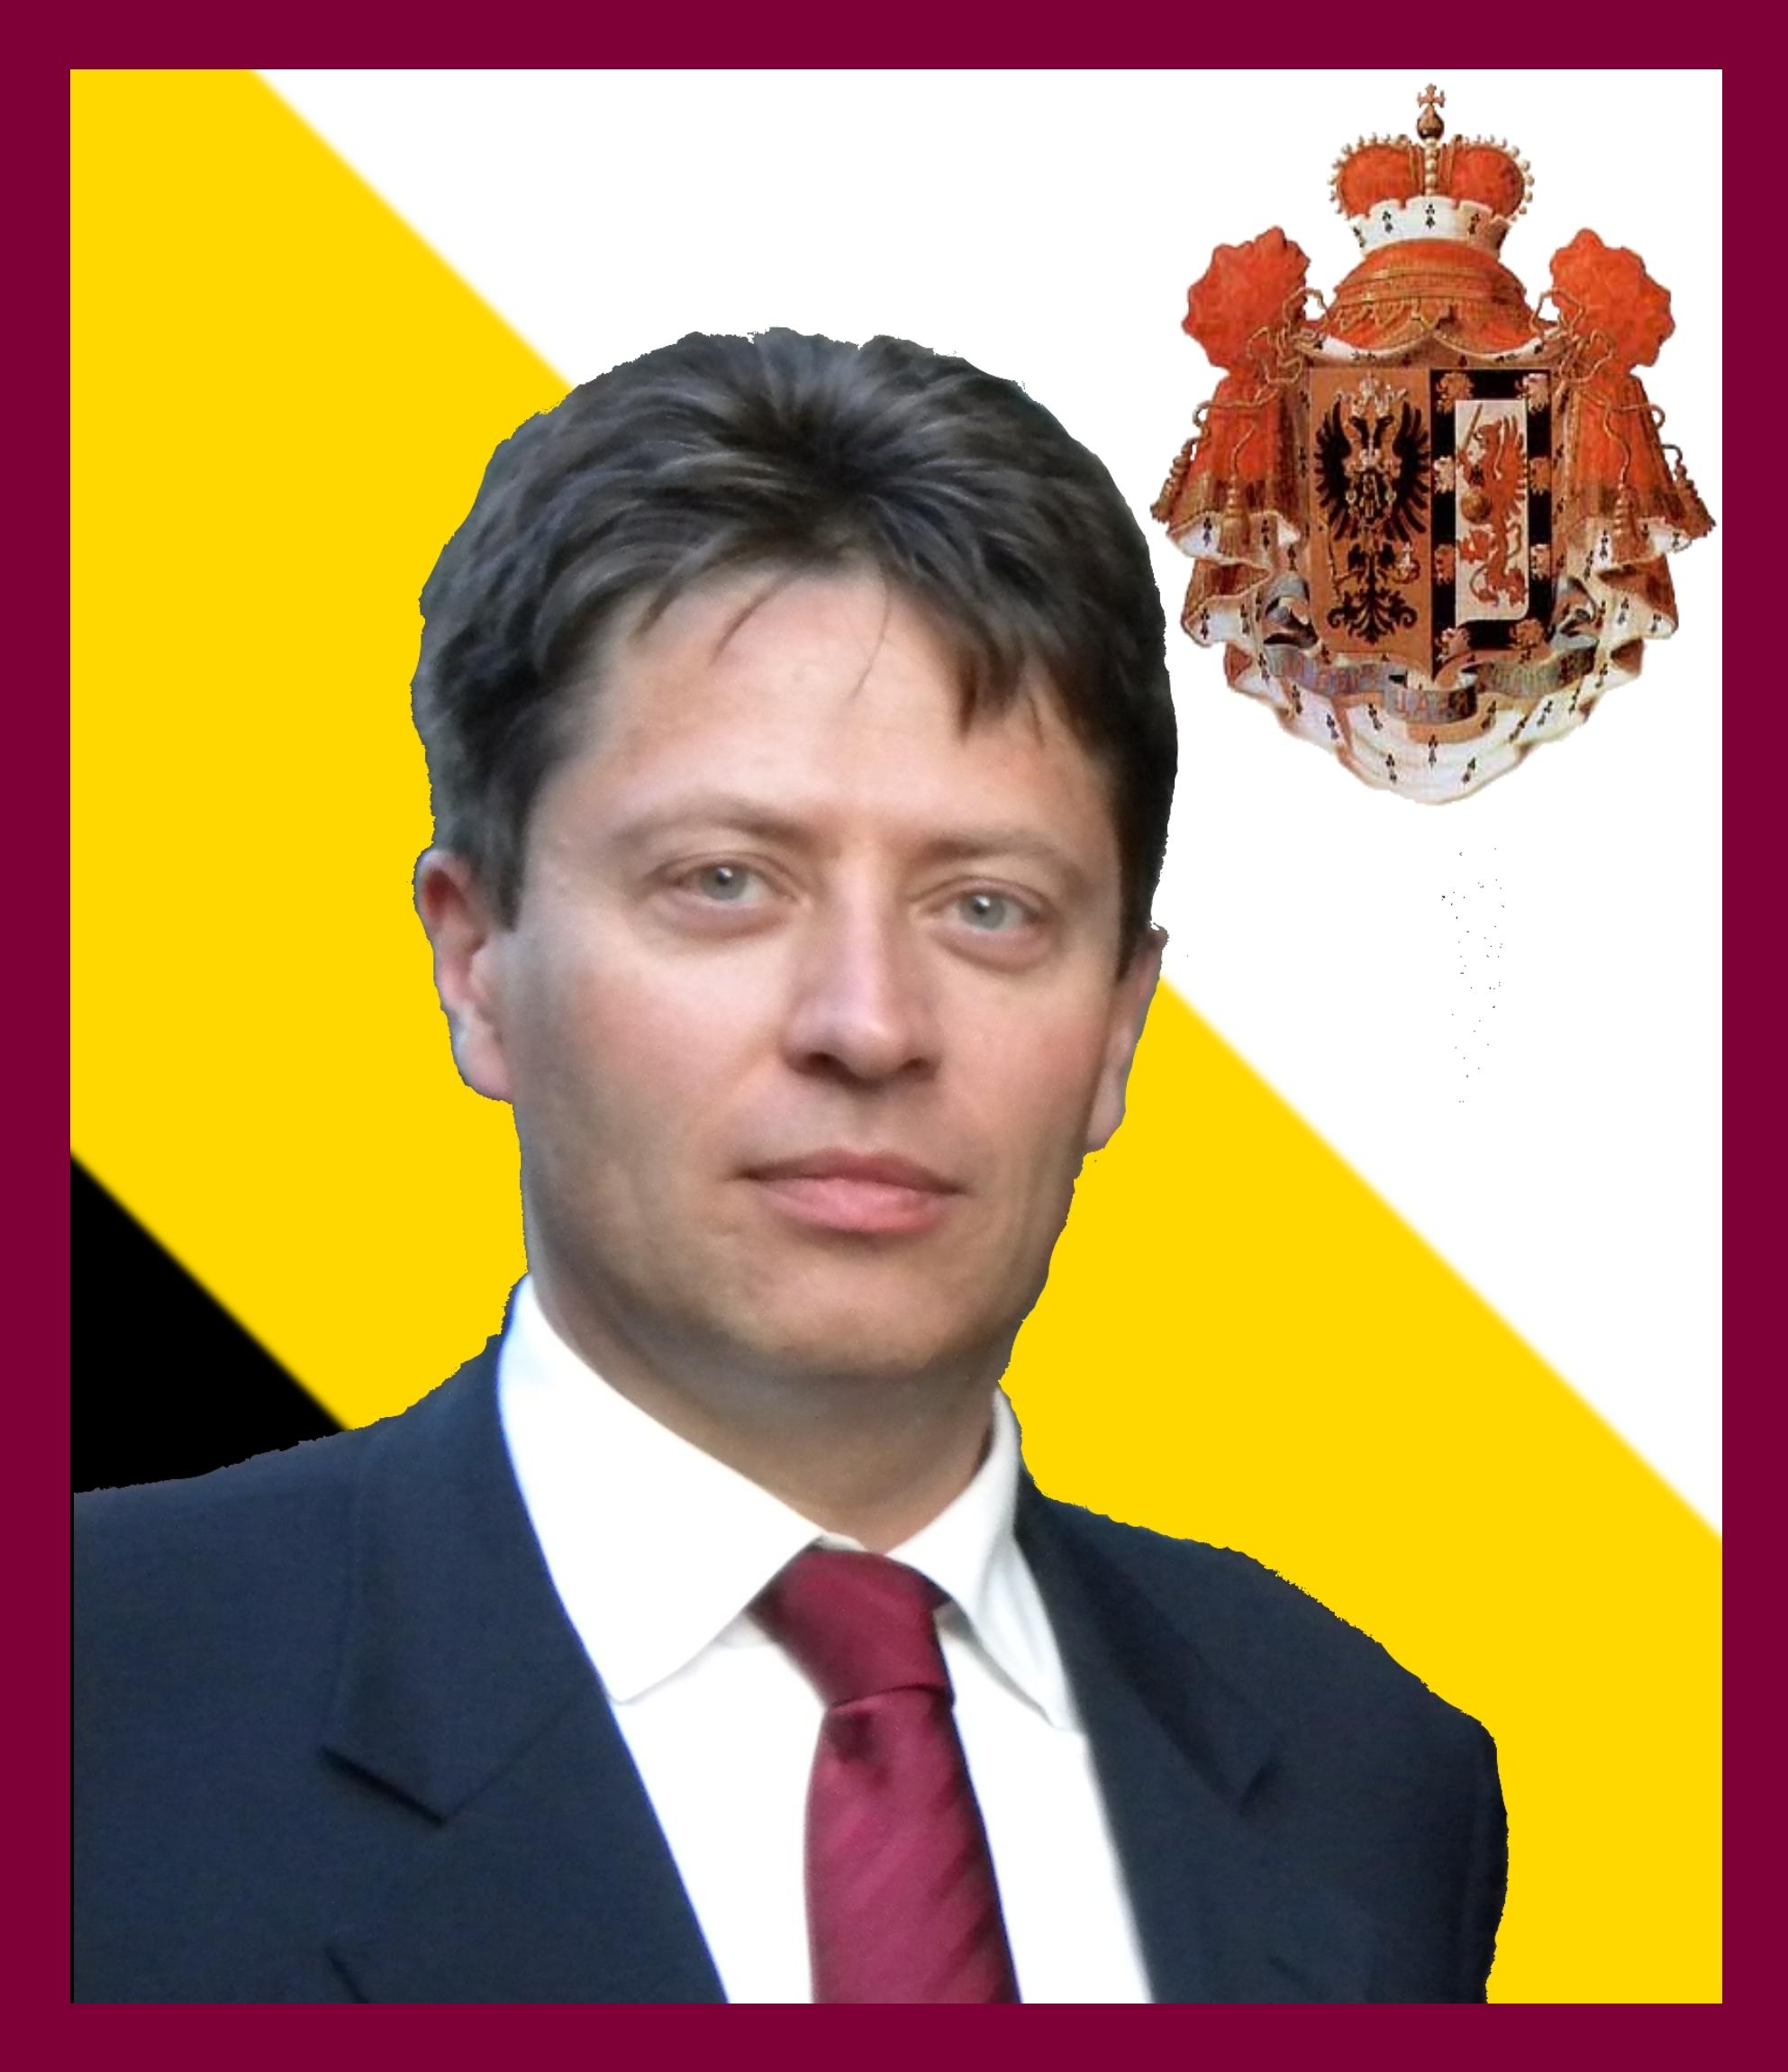 Его Светлость князь Георгий Александрович Юрьевский